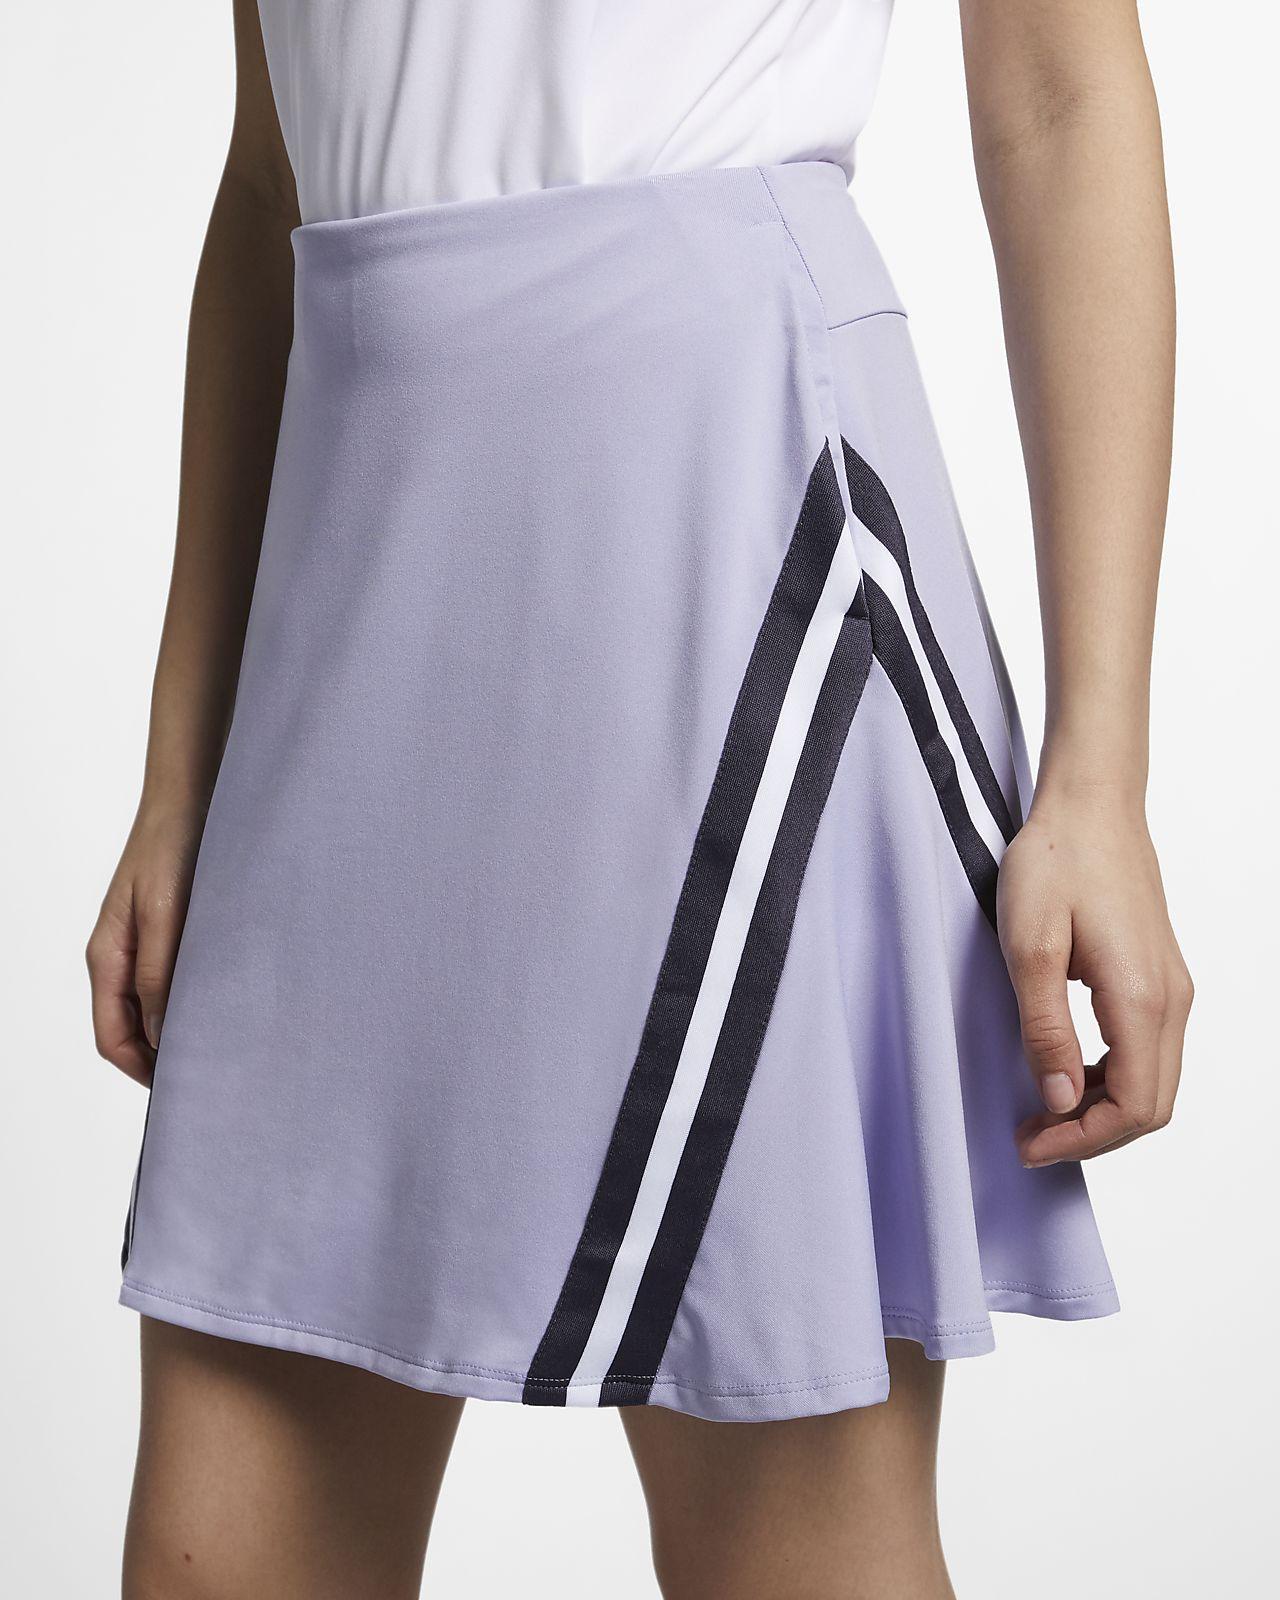 Saia de golfe de 43 cm Nike Dri-FIT UV para mulher